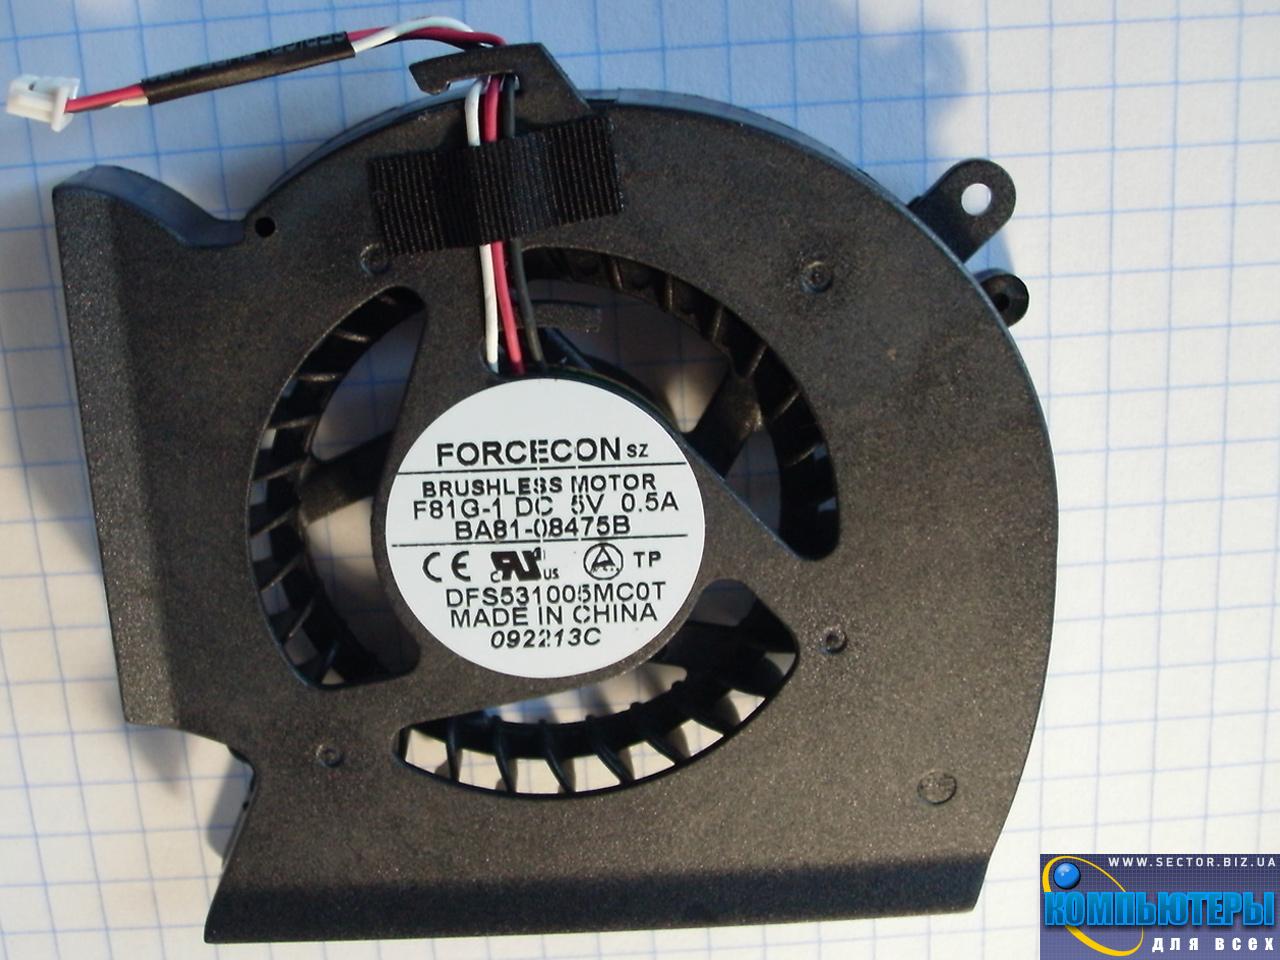 Кулер к ноутбуку Samsung P530 R523 R525 R528 R530 R538 R540 p/n: DFS531005MC0T F81G-1. Фото № 2.